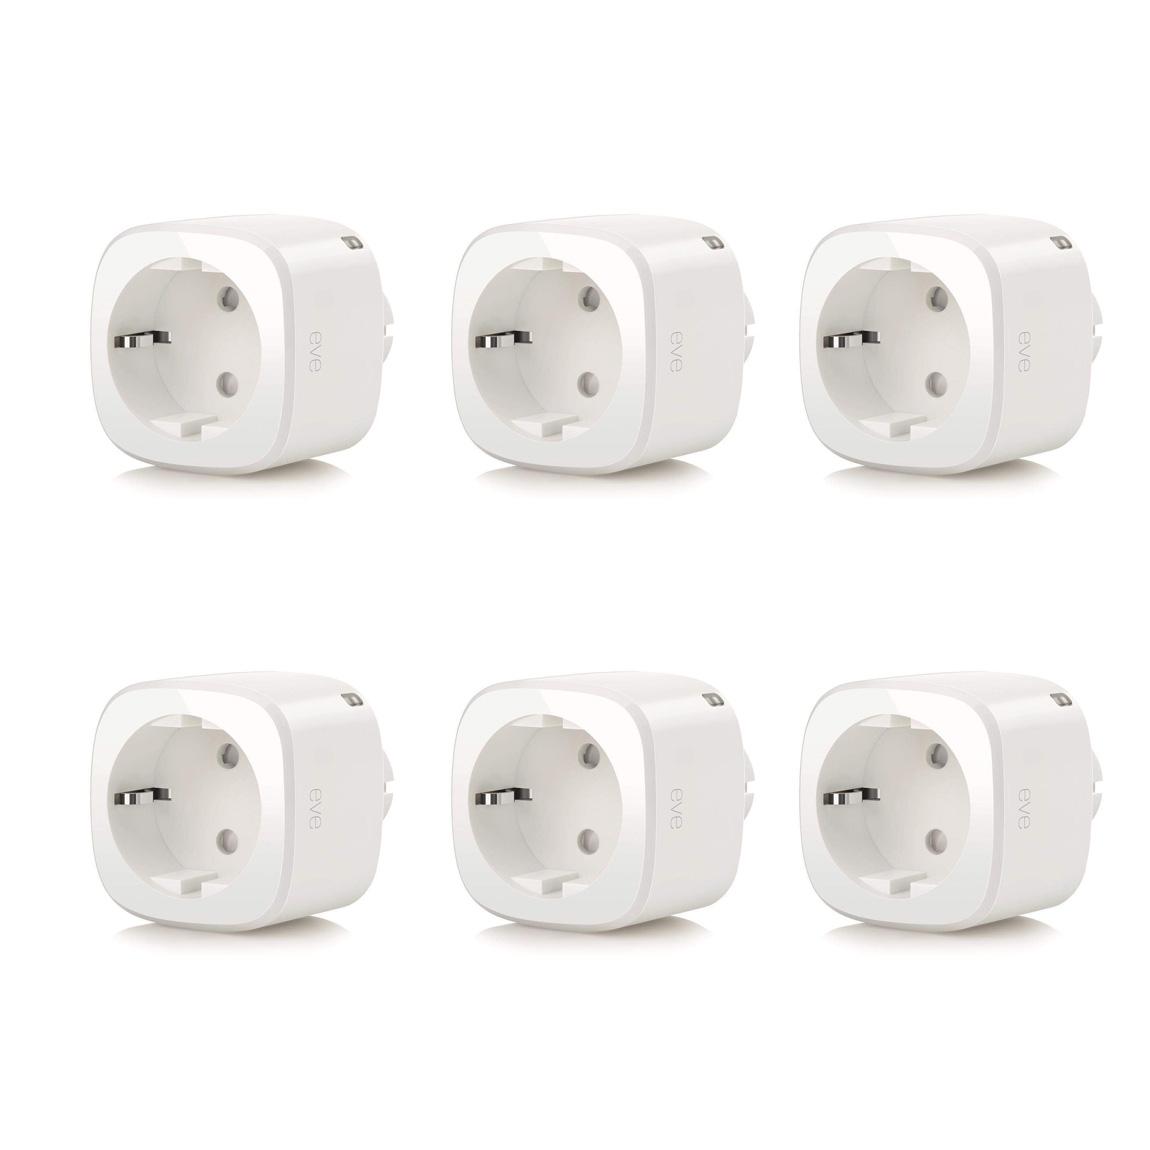 Met de eve energy slimme stekker kun je het stroomverbruik van elk huishoudelijk apparaat regelen en bekijken ...